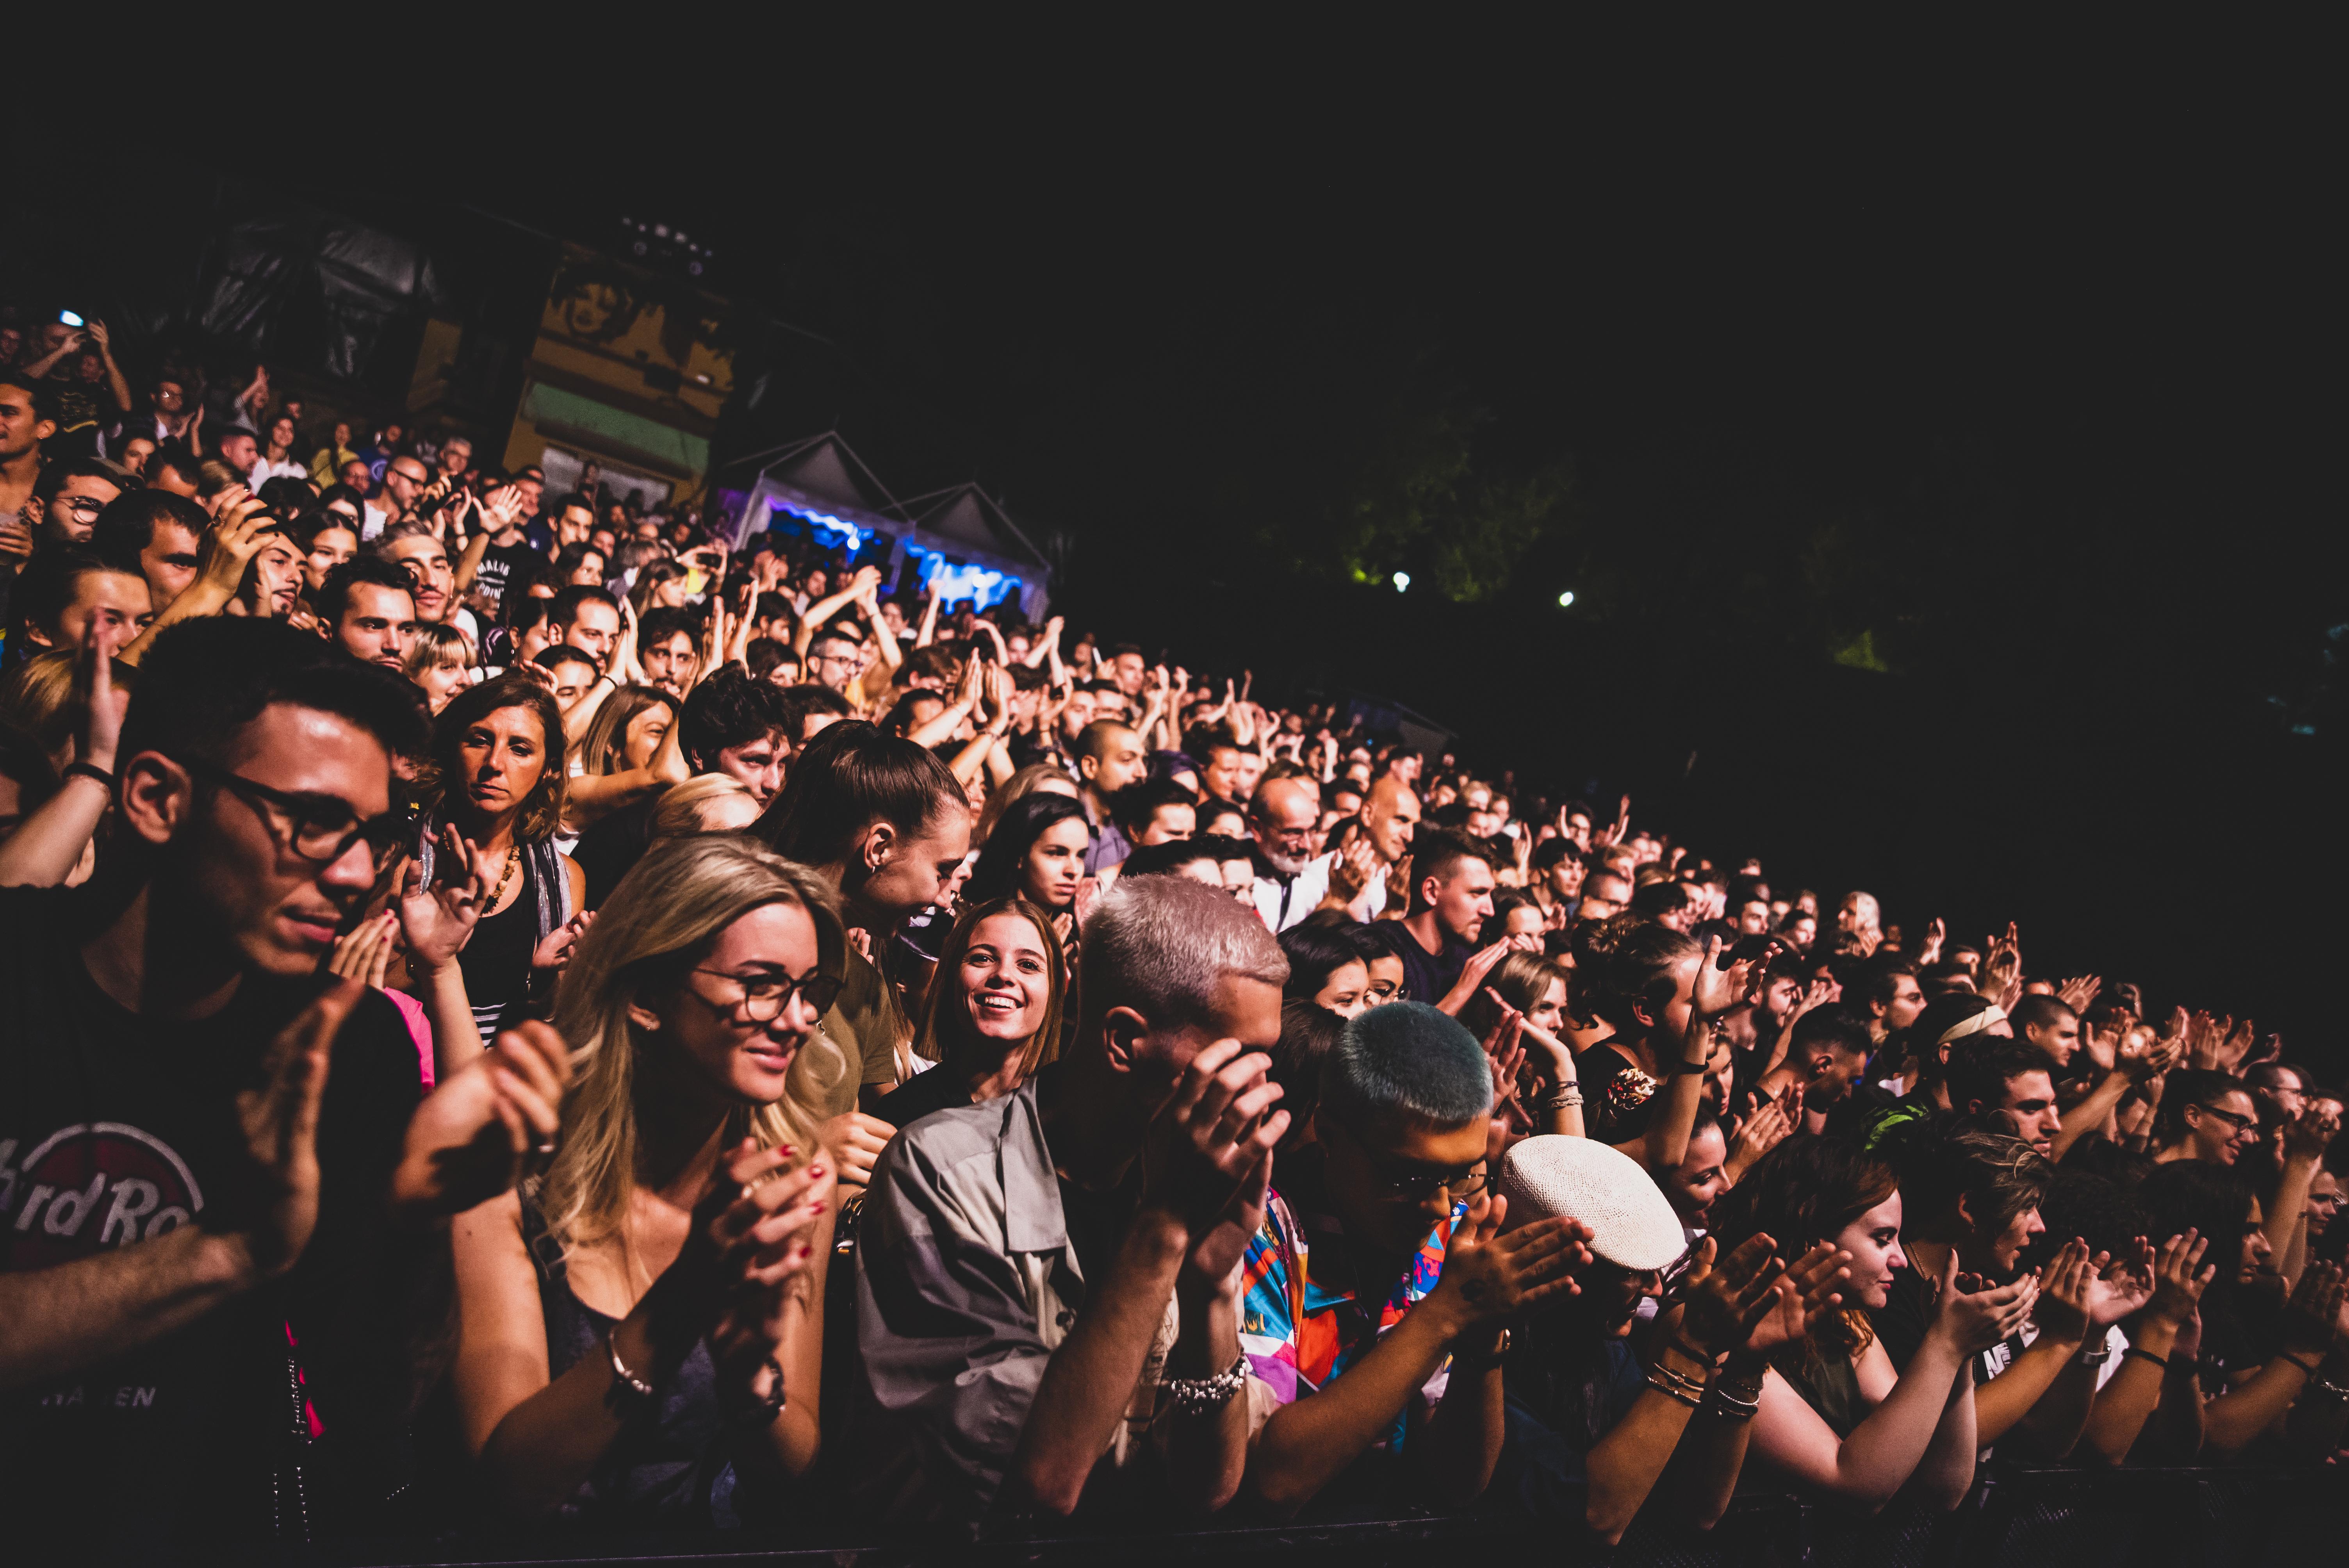 Il pubblico di Tutto Molto Bello - foto di Marianna Fornaro